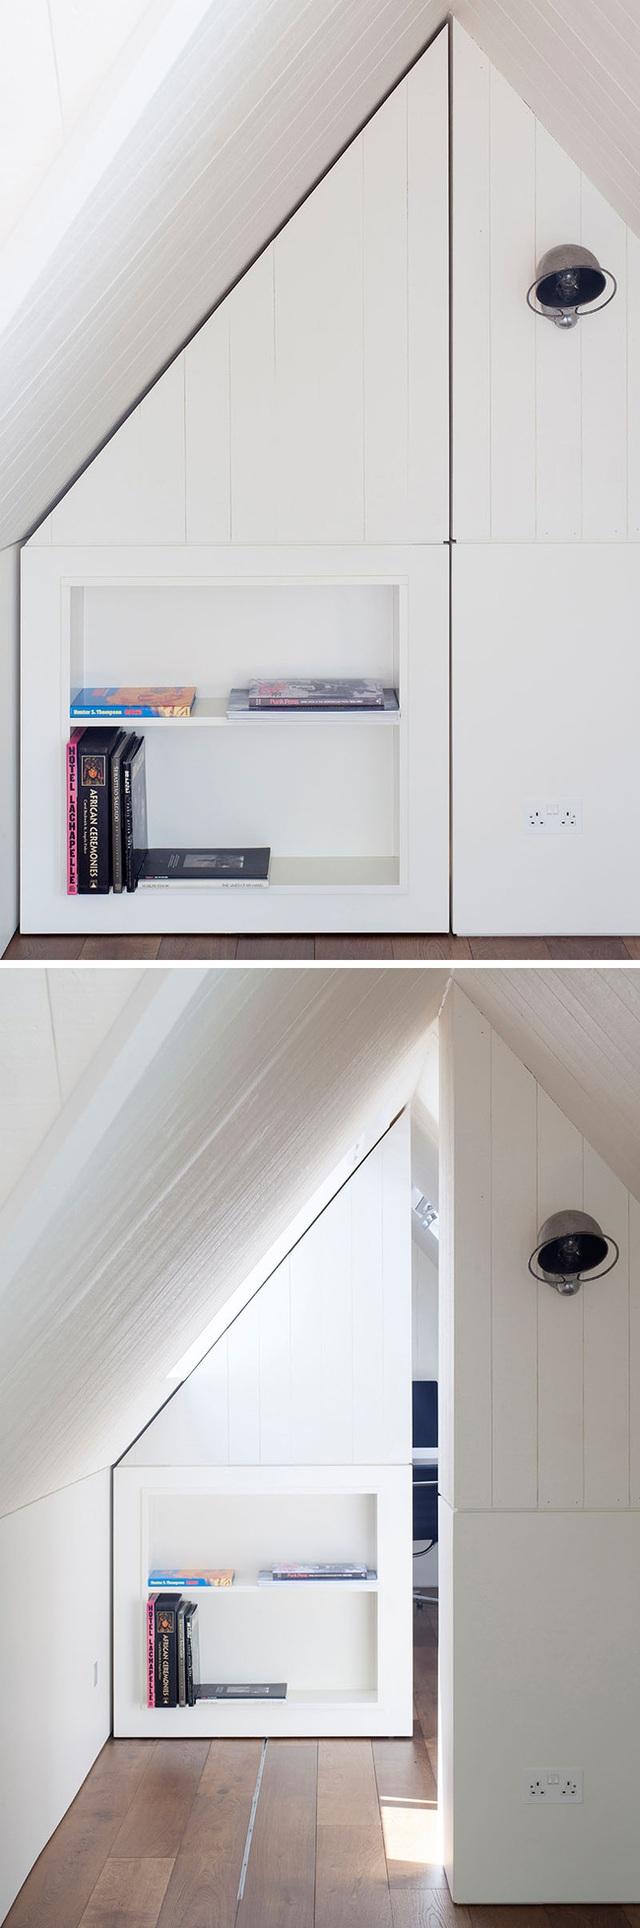 Cánh cửa bí mật như một trò ảo thuật của bạn trong cách thiết kế không gian sống.